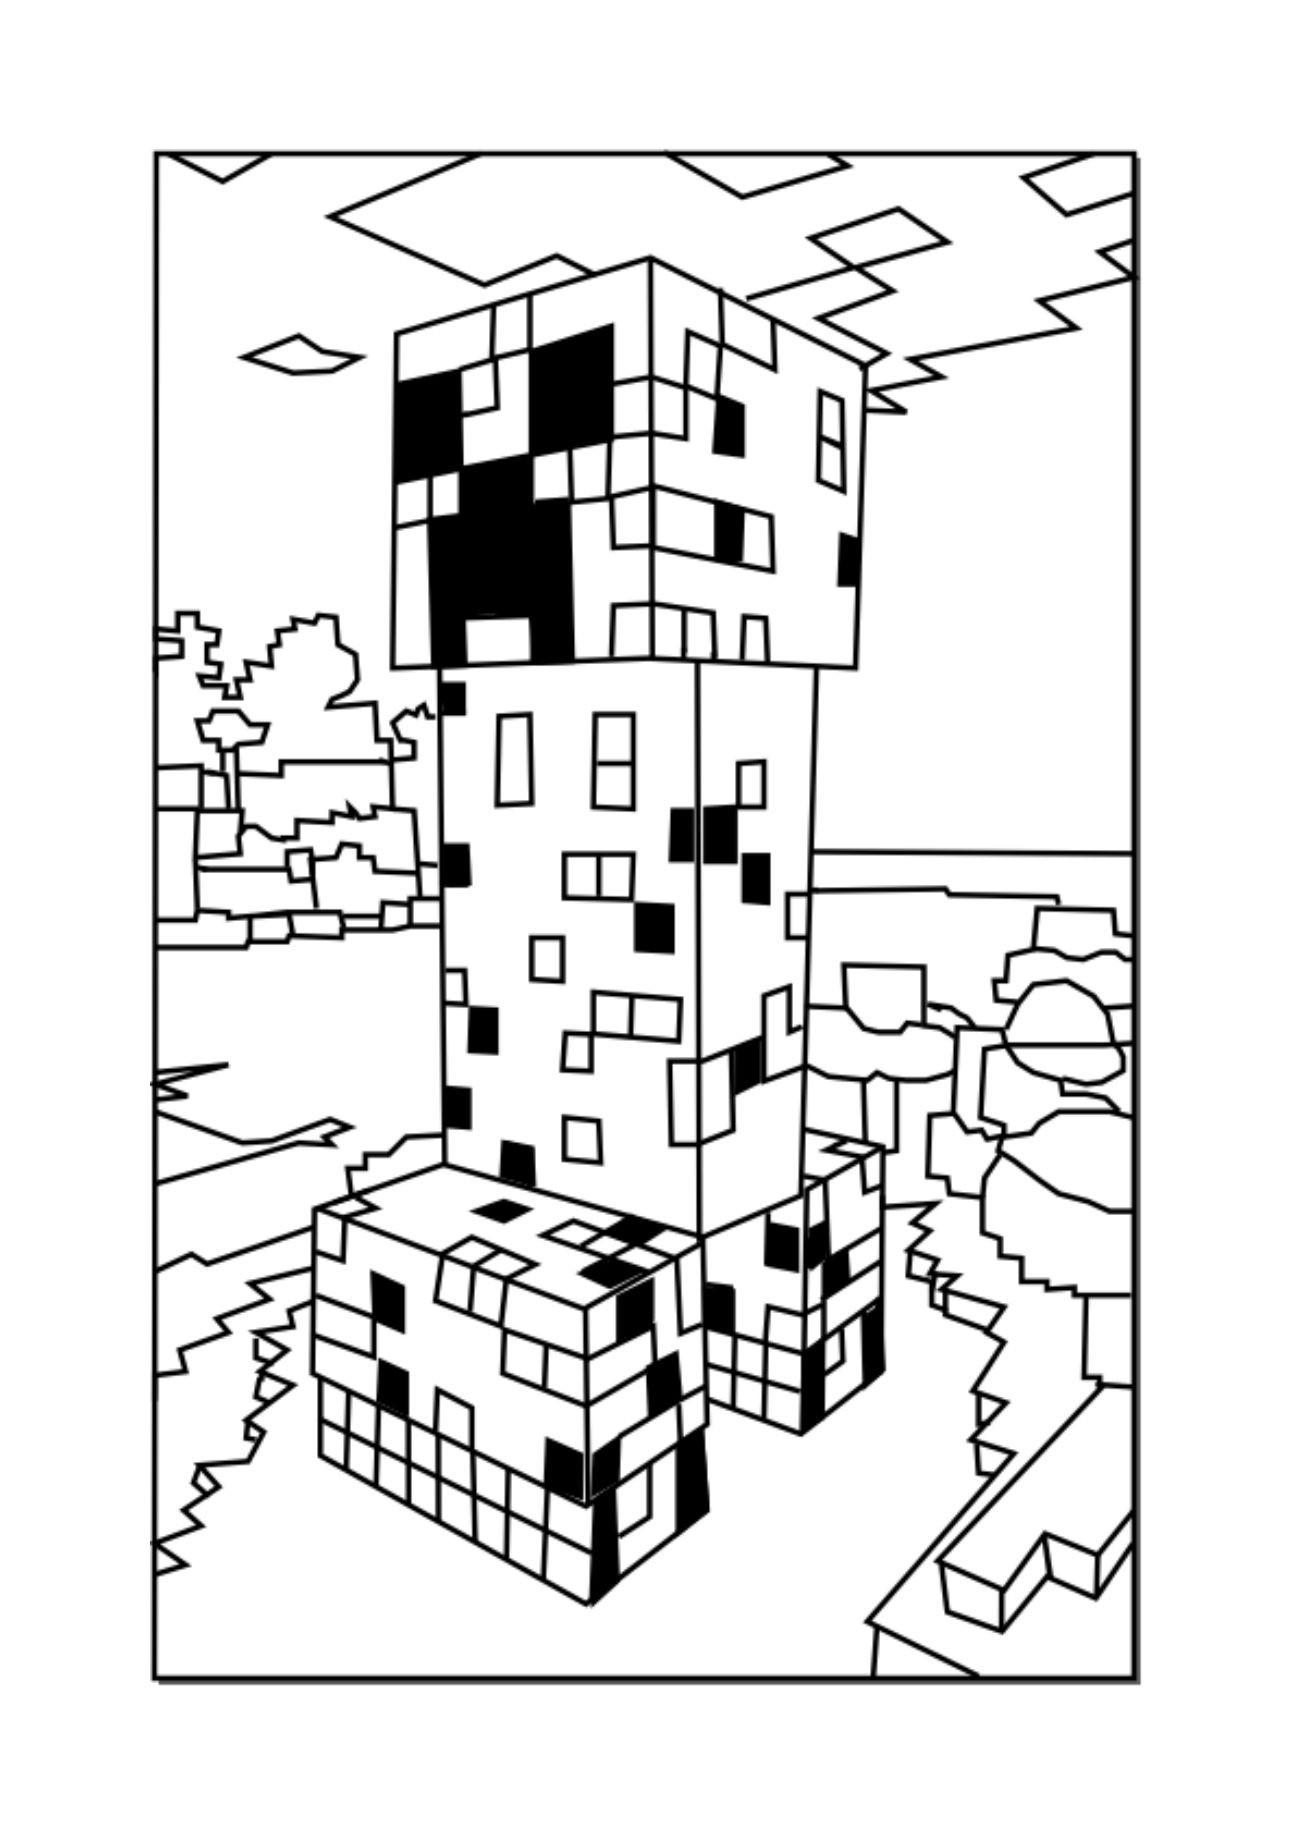 Ausmalbilder Minecraft Dorf Frisch Minecraft Creeper Coloring Picture John Stuff Pinterest Luxus Stock